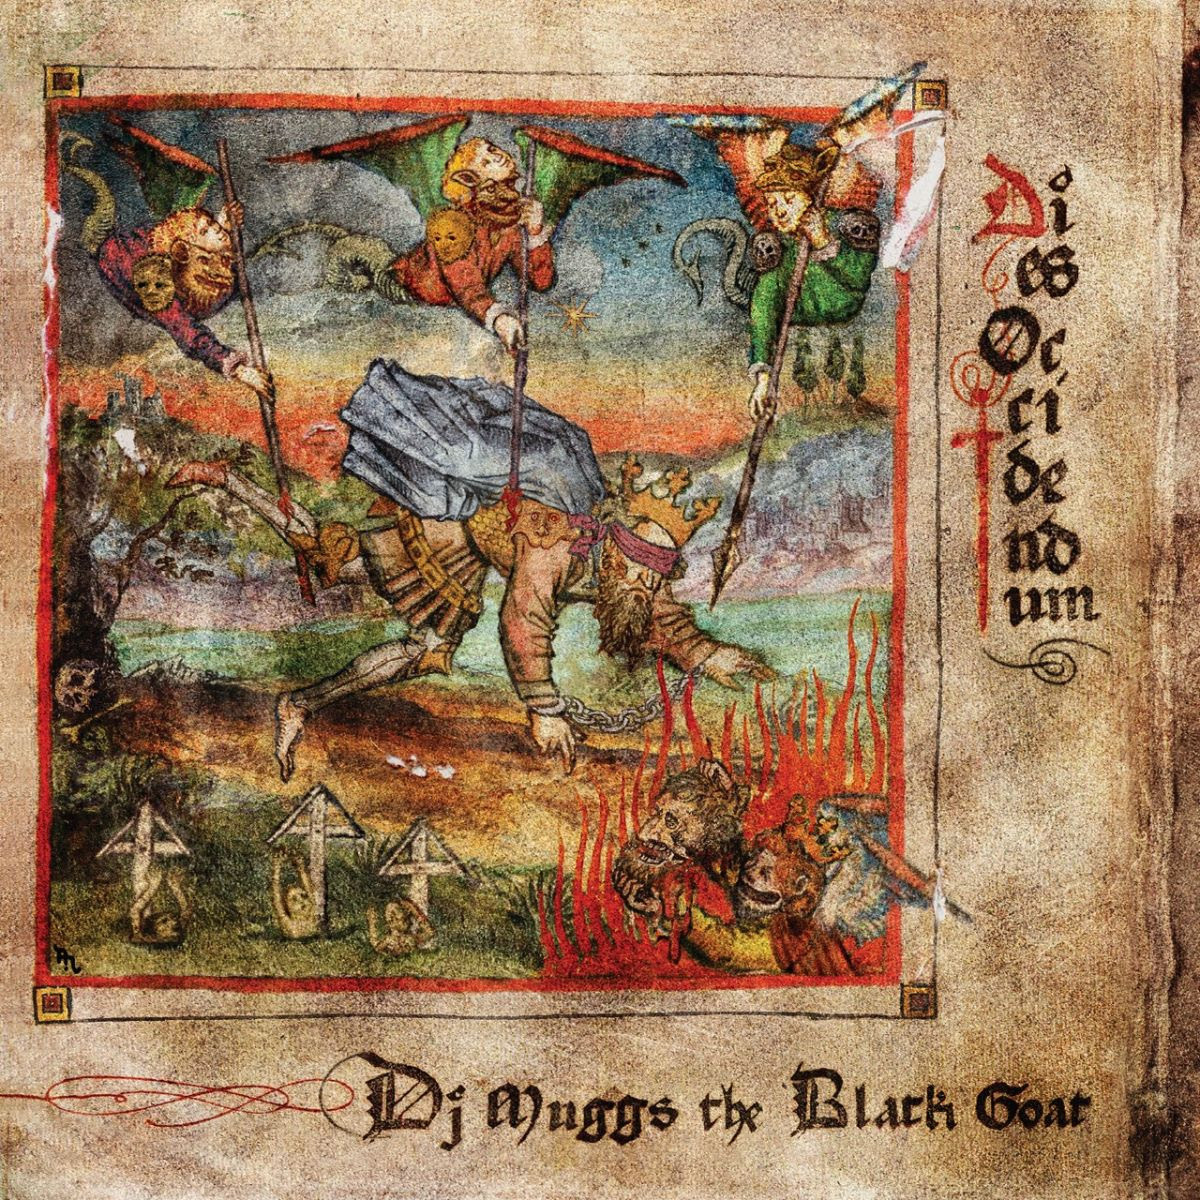 Sacred Bones Records DJ Muggs The Black Goat - Dies Occidendum (Coloured Vinyl)